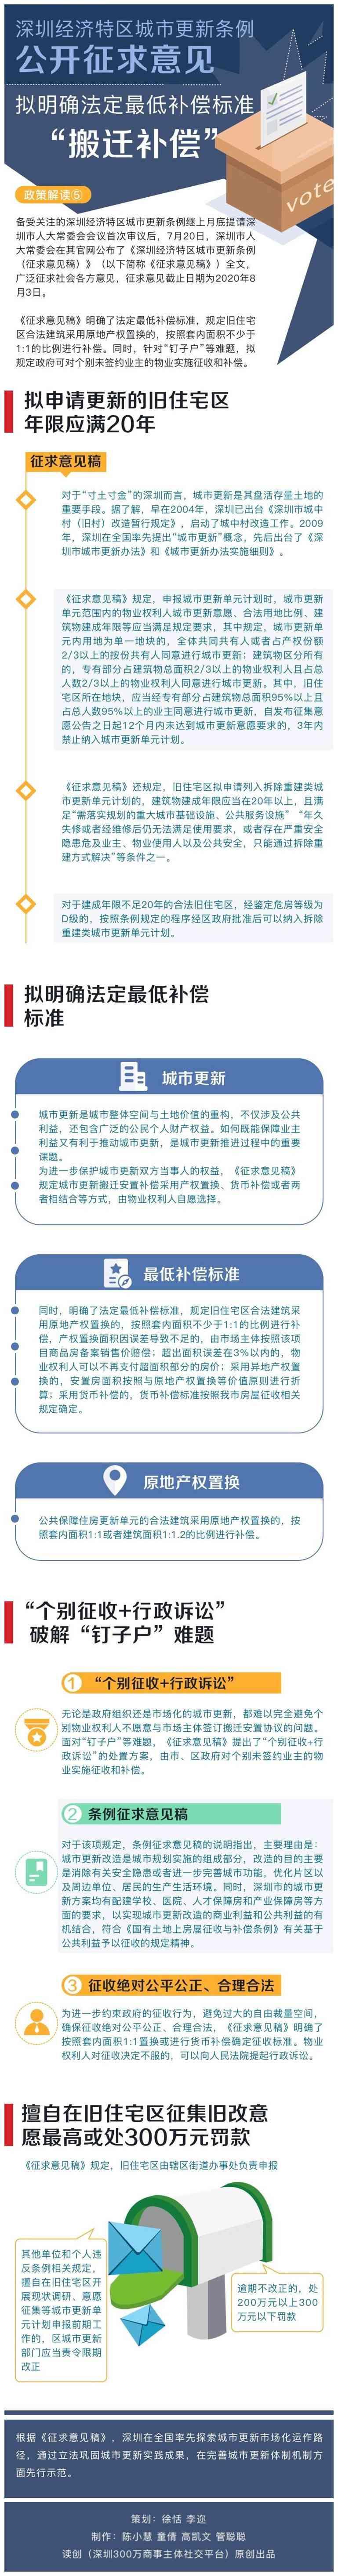 一图读懂深圳城市更新条例 拟明确搬迁最低补偿标准